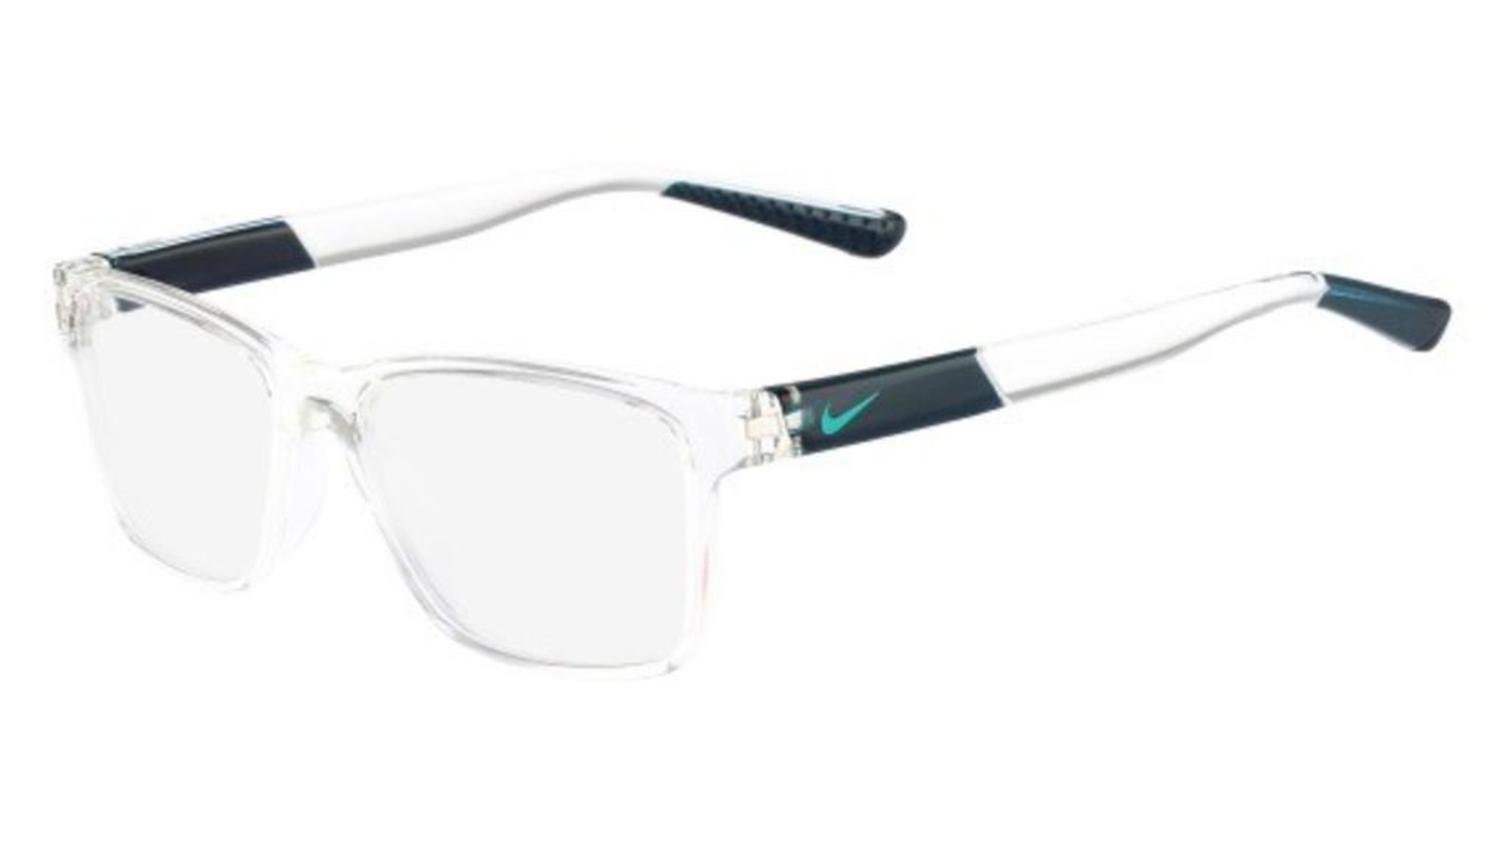 NIKE Eyeglasses 5532 110 Crystal/Space Blue 46MM